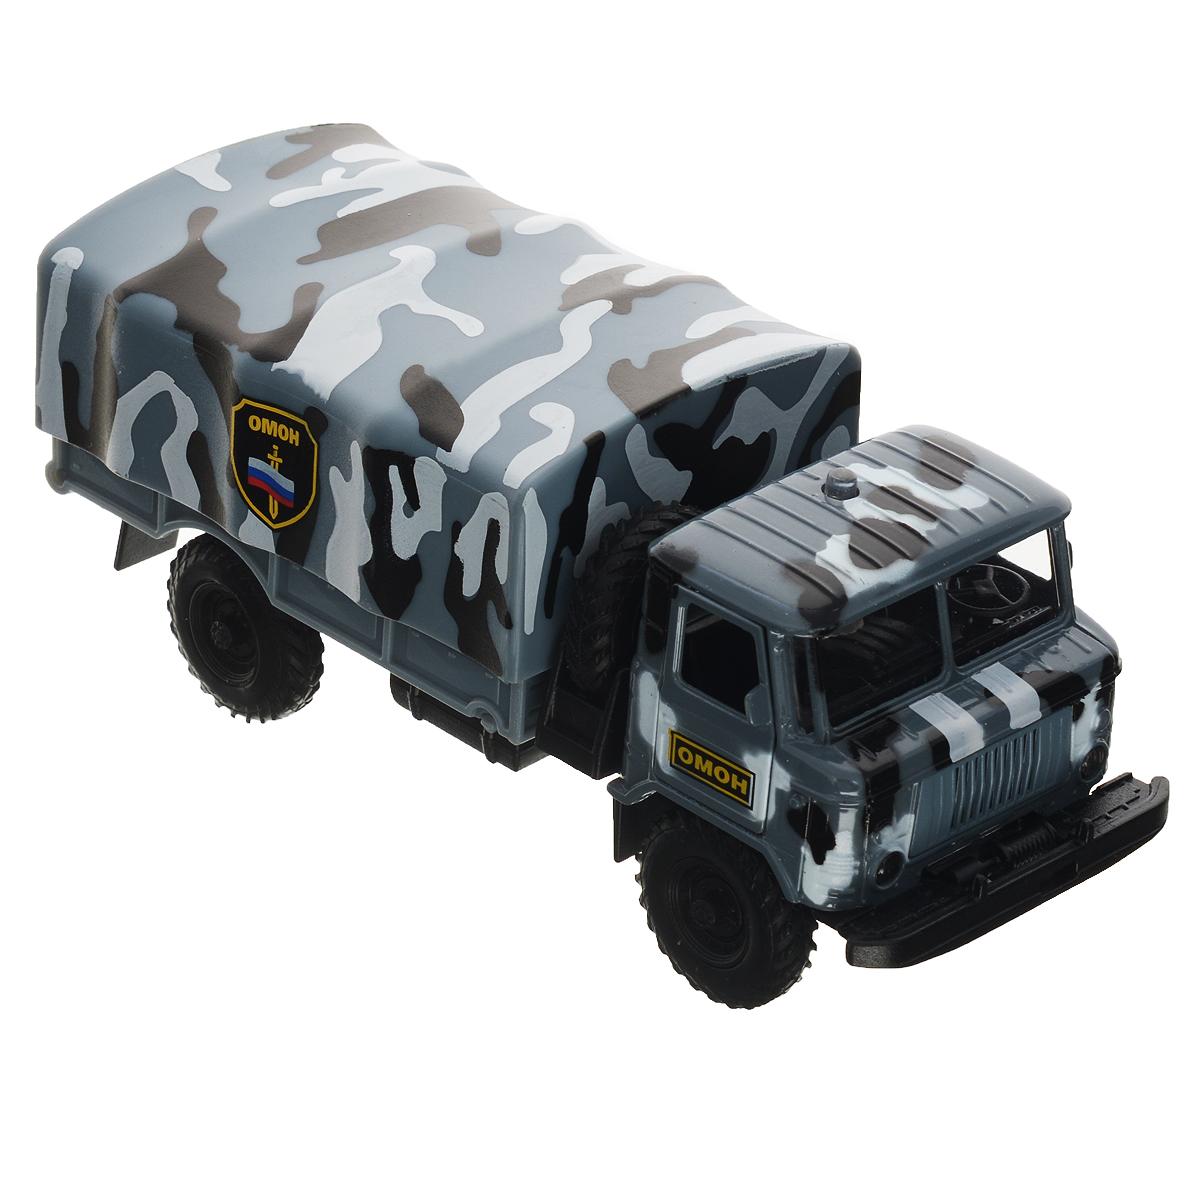 ТехноПарк Машинка инерционная ГАЗ 66 ОМОНCT-1299-22Инерционная машинка ТехноПарк ГАЗ 66: ОМОН, выполненная из пластика и металла, станет любимой игрушкой вашего малыша. Игрушка представляет собой модель спецавтомобиля ОМОНа марки ГАЗ 66. У машинки открываются дверцы кабины и капот, снимается верхняя часть кузова и открывается задний борт. Между кабиной и кузовом расположено запасное колесо, которое также может быть использовано по назначению. При нажатии на кнопку на крыше кабины замигают фары, прозвучат звуки сирены и команды диспетчера. Игрушка оснащена инерционным ходом. Машинку необходимо отвести назад, затем отпустить - и она быстро поедет вперед. Прорезиненные колеса обеспечивают надежное сцепление с любой гладкой поверхностью. Ваш ребенок будет часами играть с этой машинкой, придумывая различные истории. Порадуйте его таким замечательным подарком! Машинка работает от батареек (товар комплектуется демонстрационными).